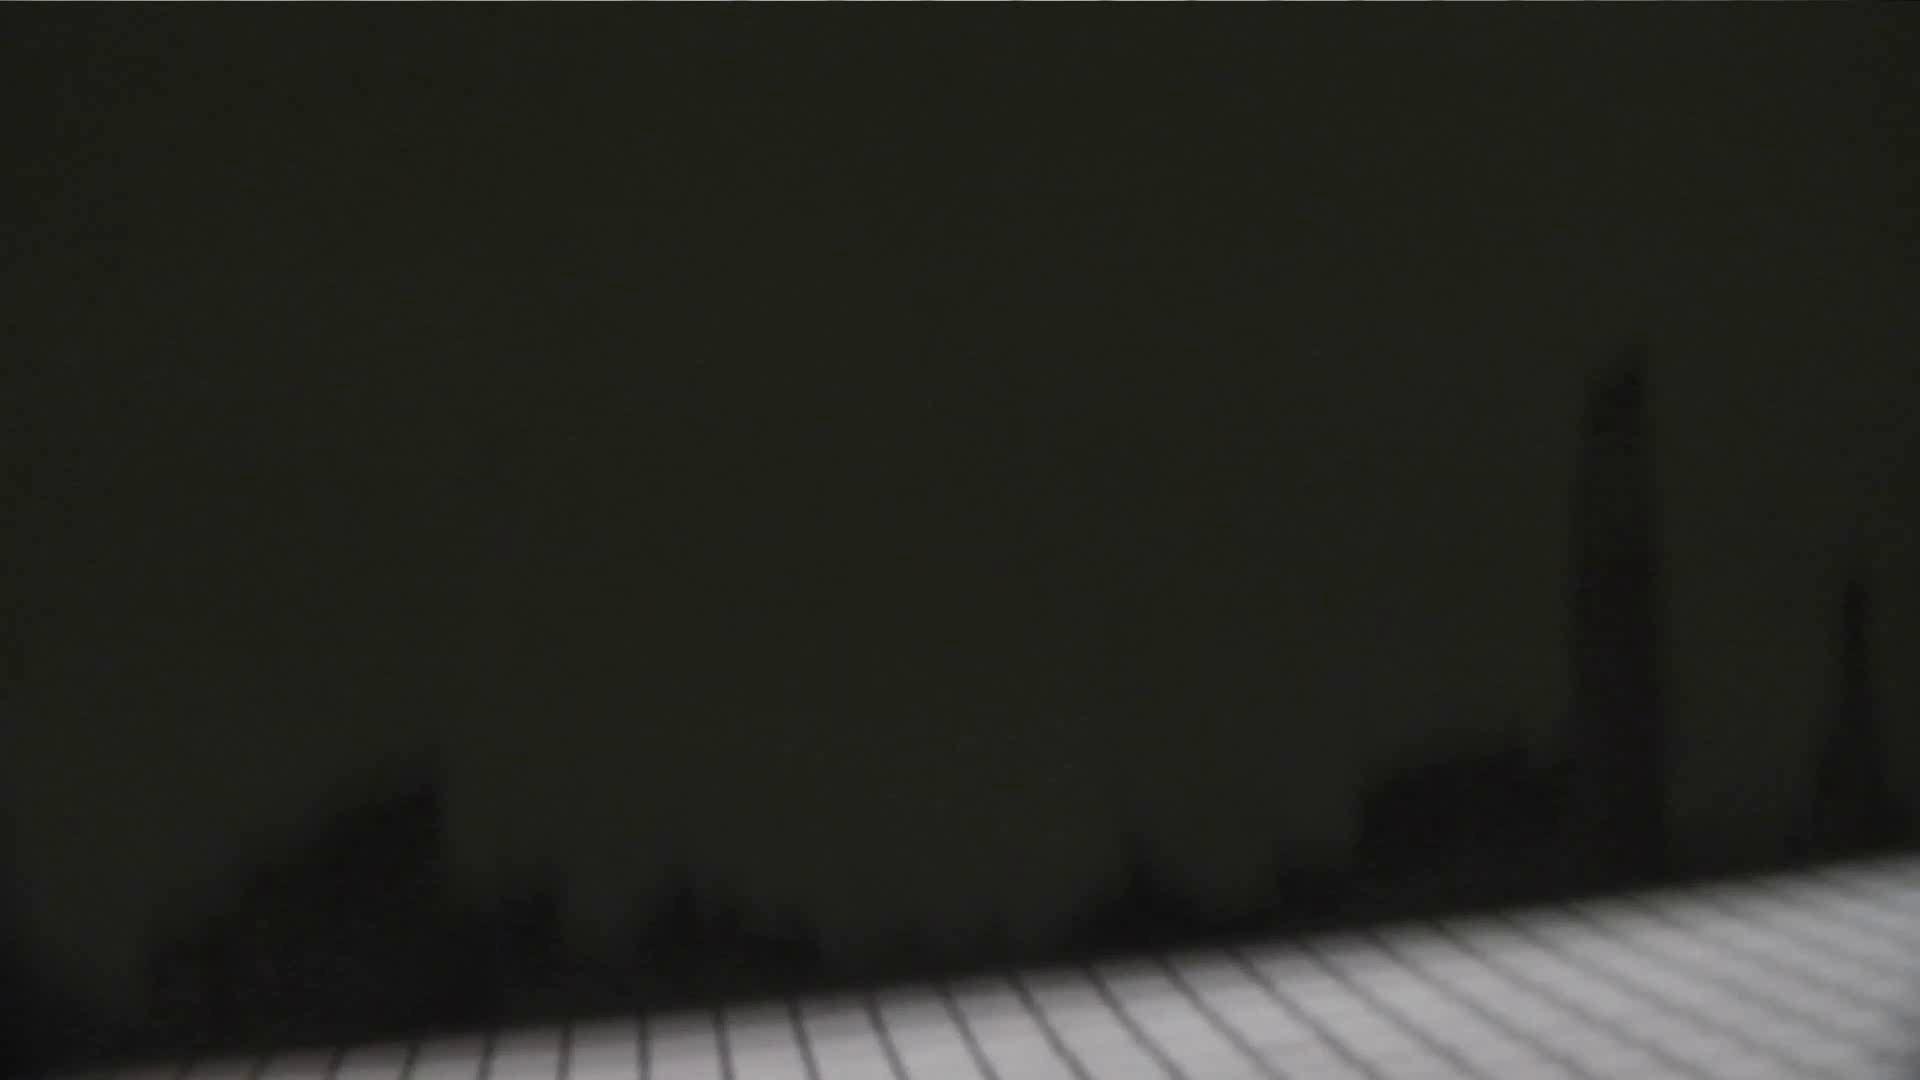 アダルトエロ動画|洗面所特攻隊 vol.027 ゴウモウ様|怪盗ジョーカー